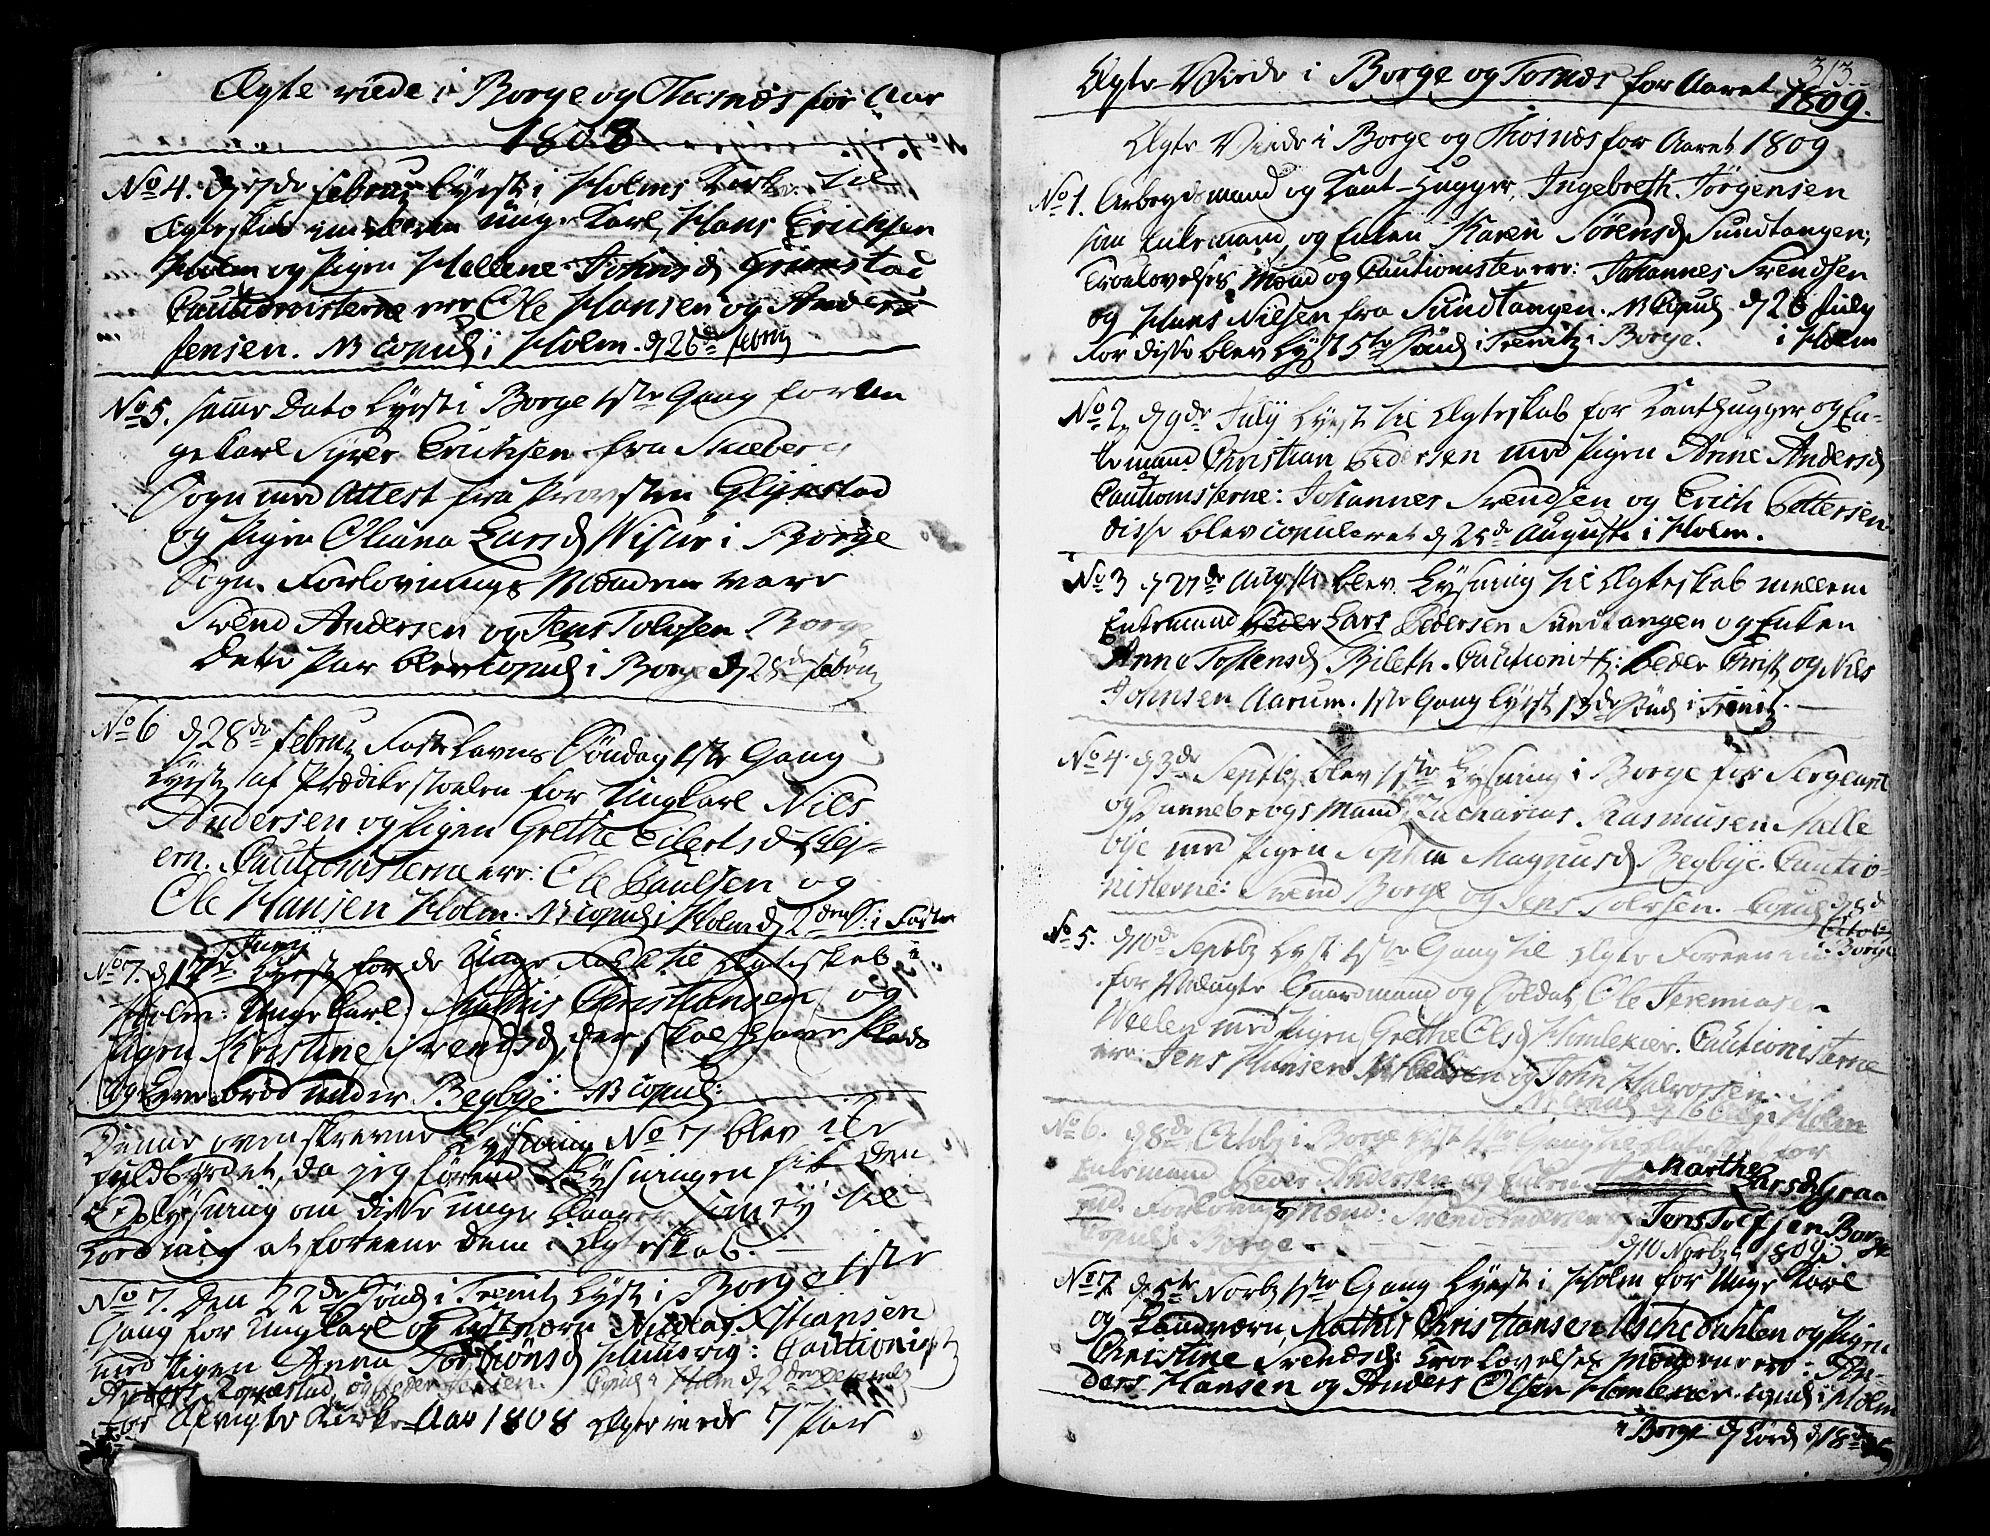 SAO, Borge prestekontor Kirkebøker, F/Fa/L0002: Ministerialbok nr. I 2, 1791-1817, s. 313